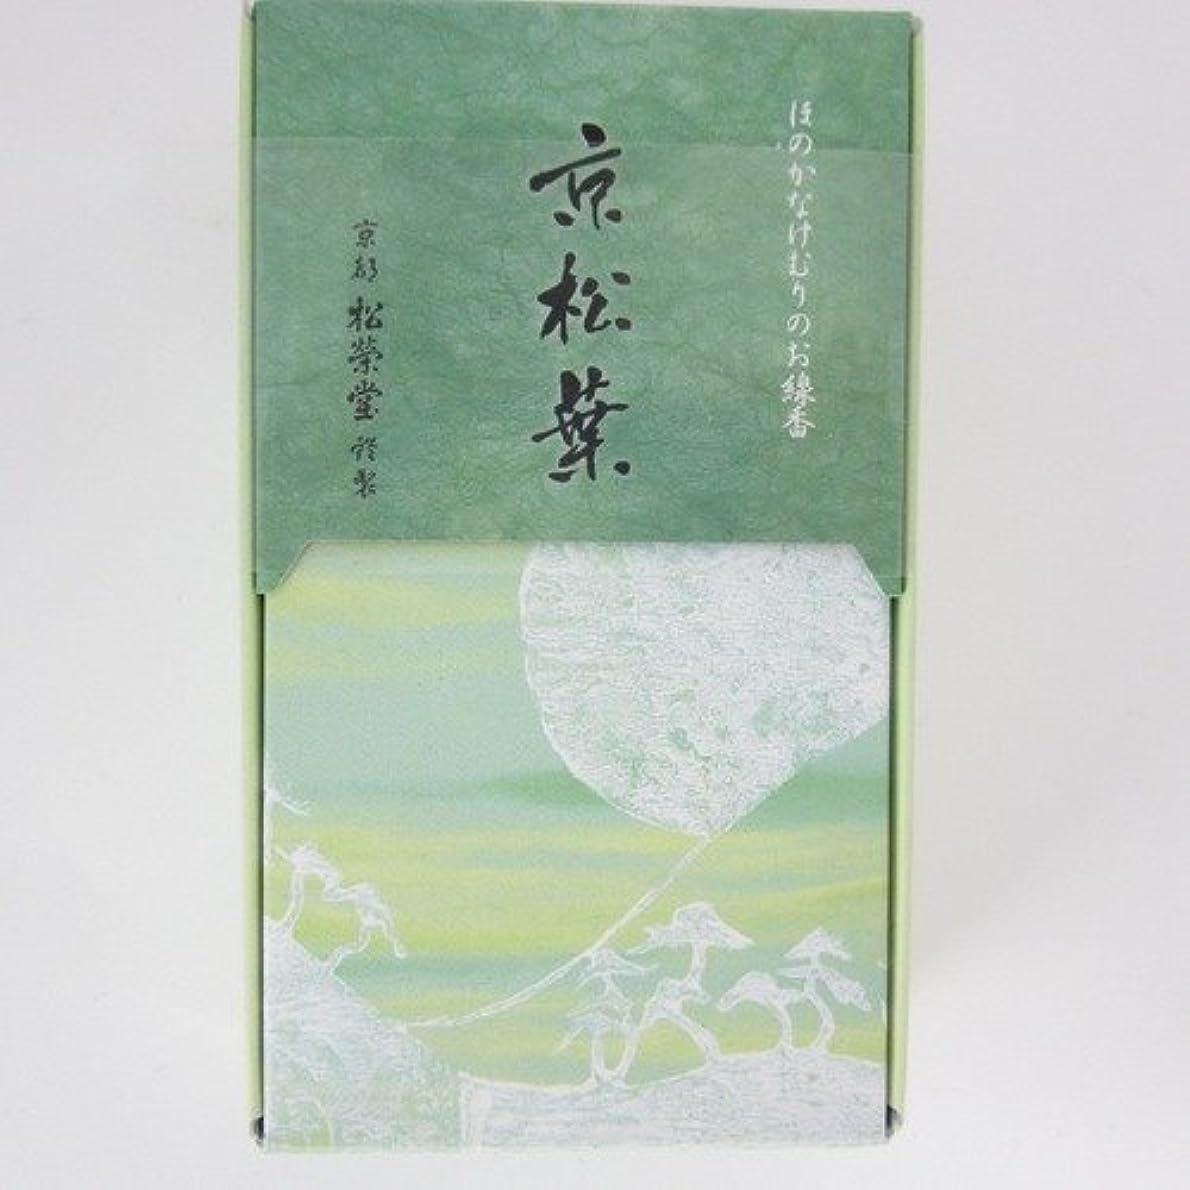 雪だるま吐くなる松栄堂 玉響シリーズ お香 京松葉 45g